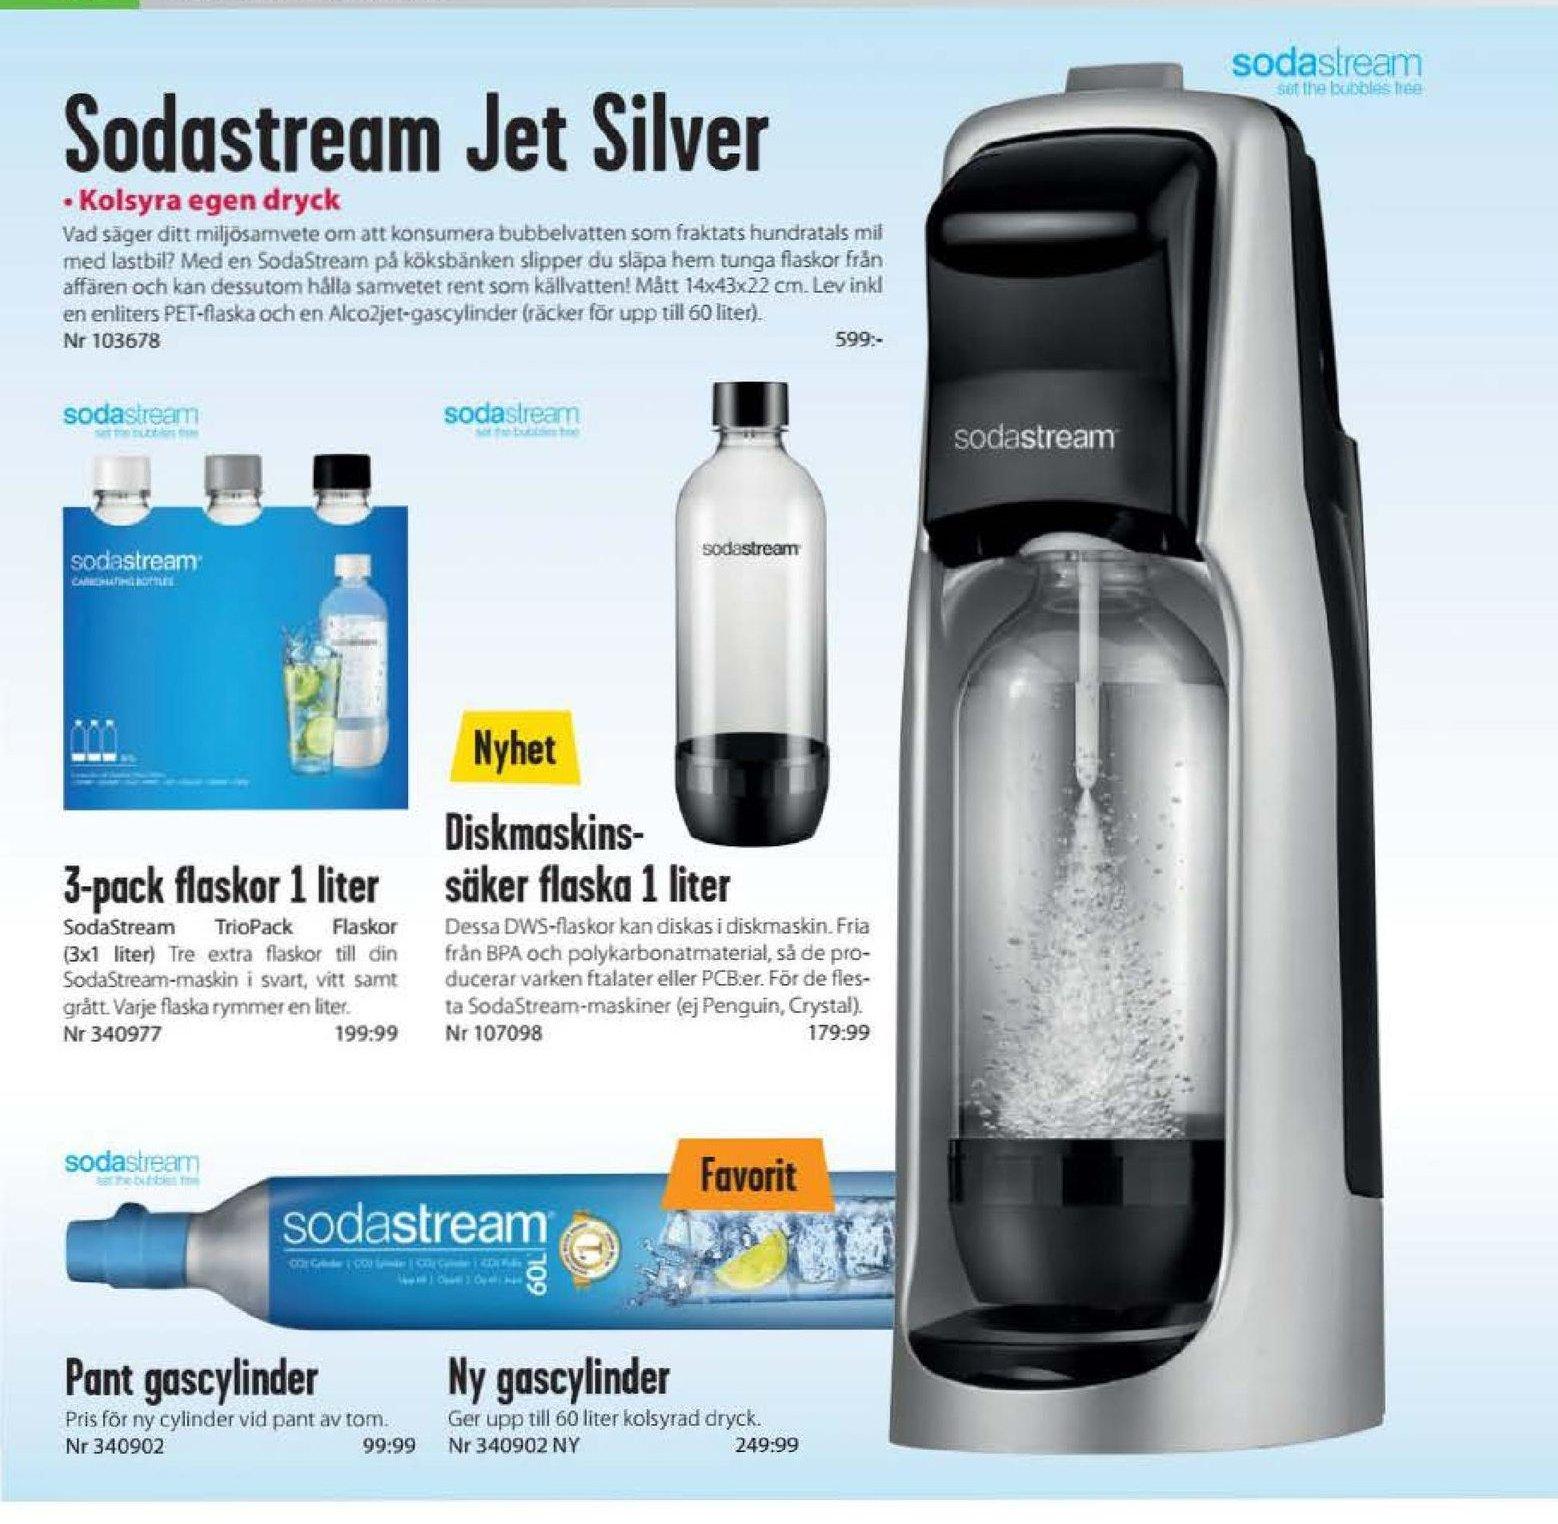 Erbjudanden och prisjämförelser på sodastream, kolsyrepatron  1 (st) 249,99